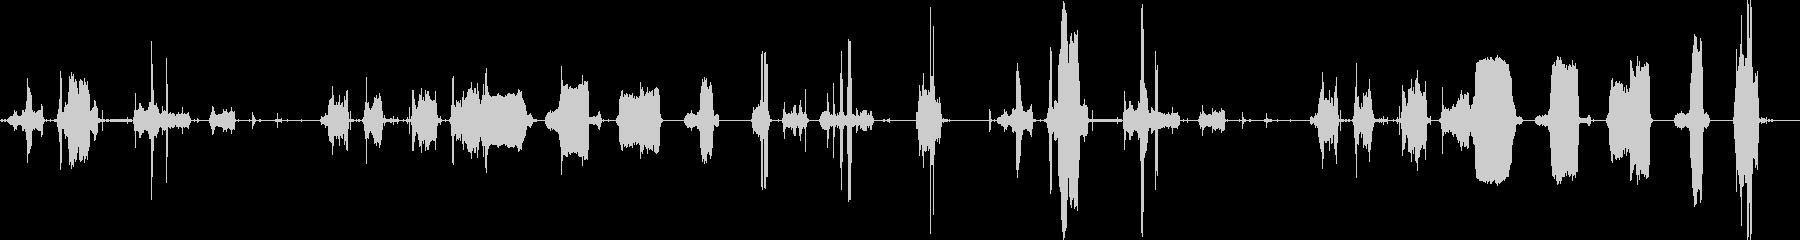 ホースヒス音と細いヒス音の未再生の波形